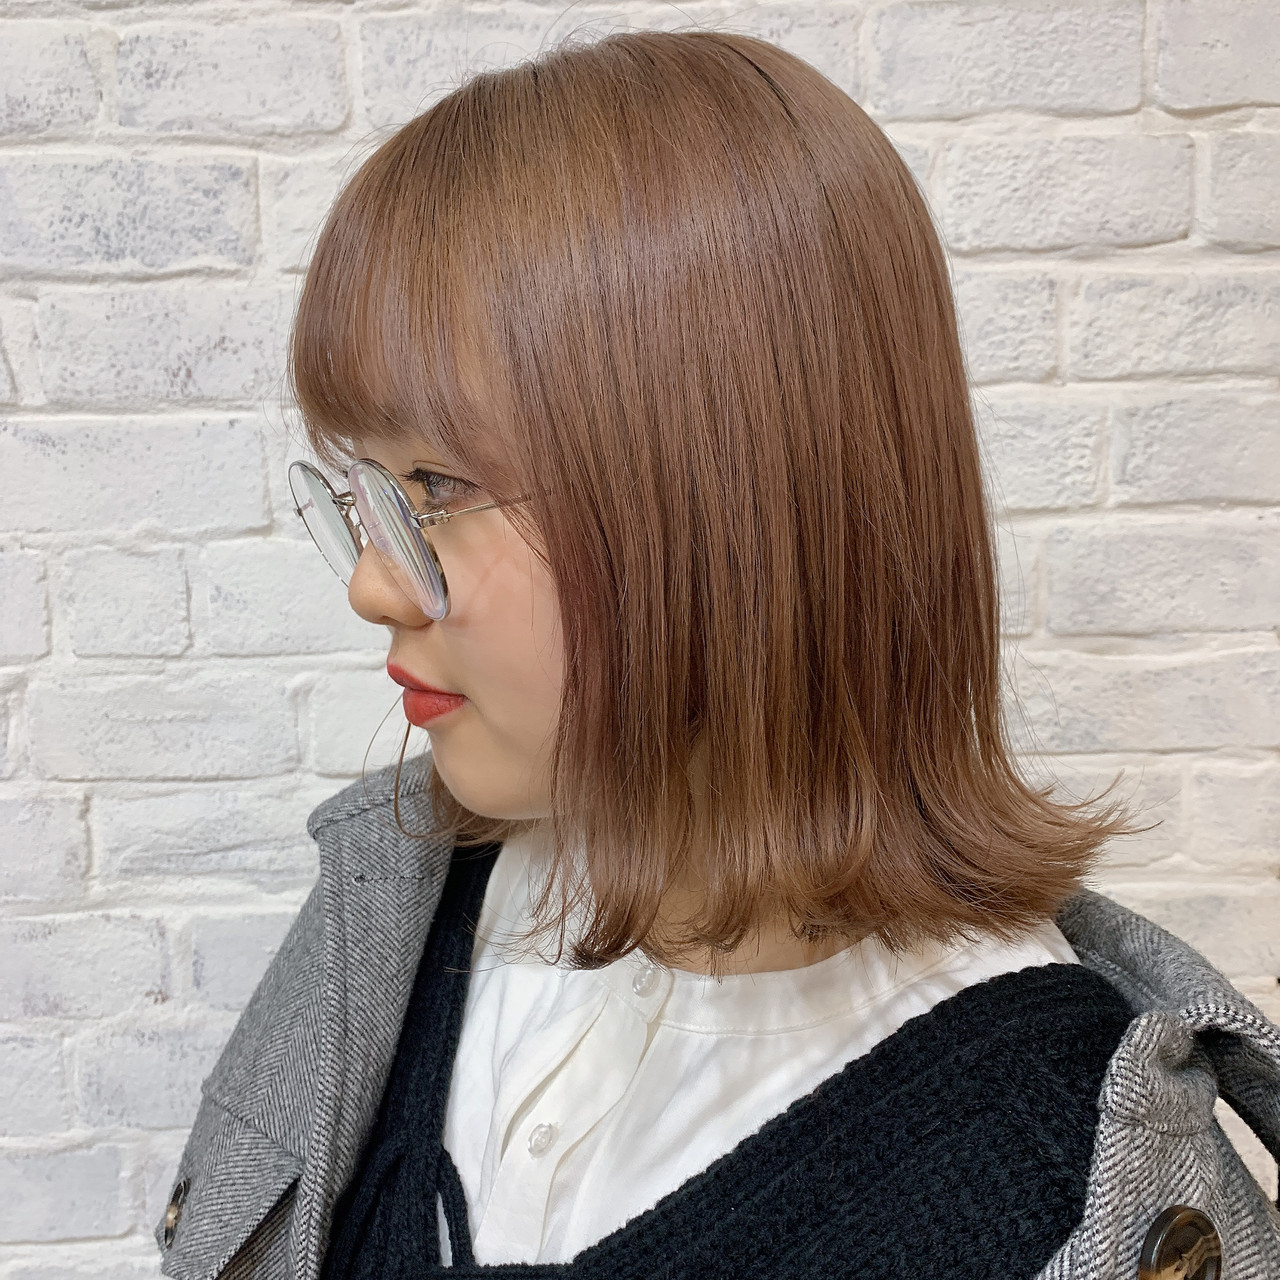 ナチュラル ミルクティーベージュ ミルクティーアッシュ ダブルカラーヘアスタイルや髪型の写真・画像